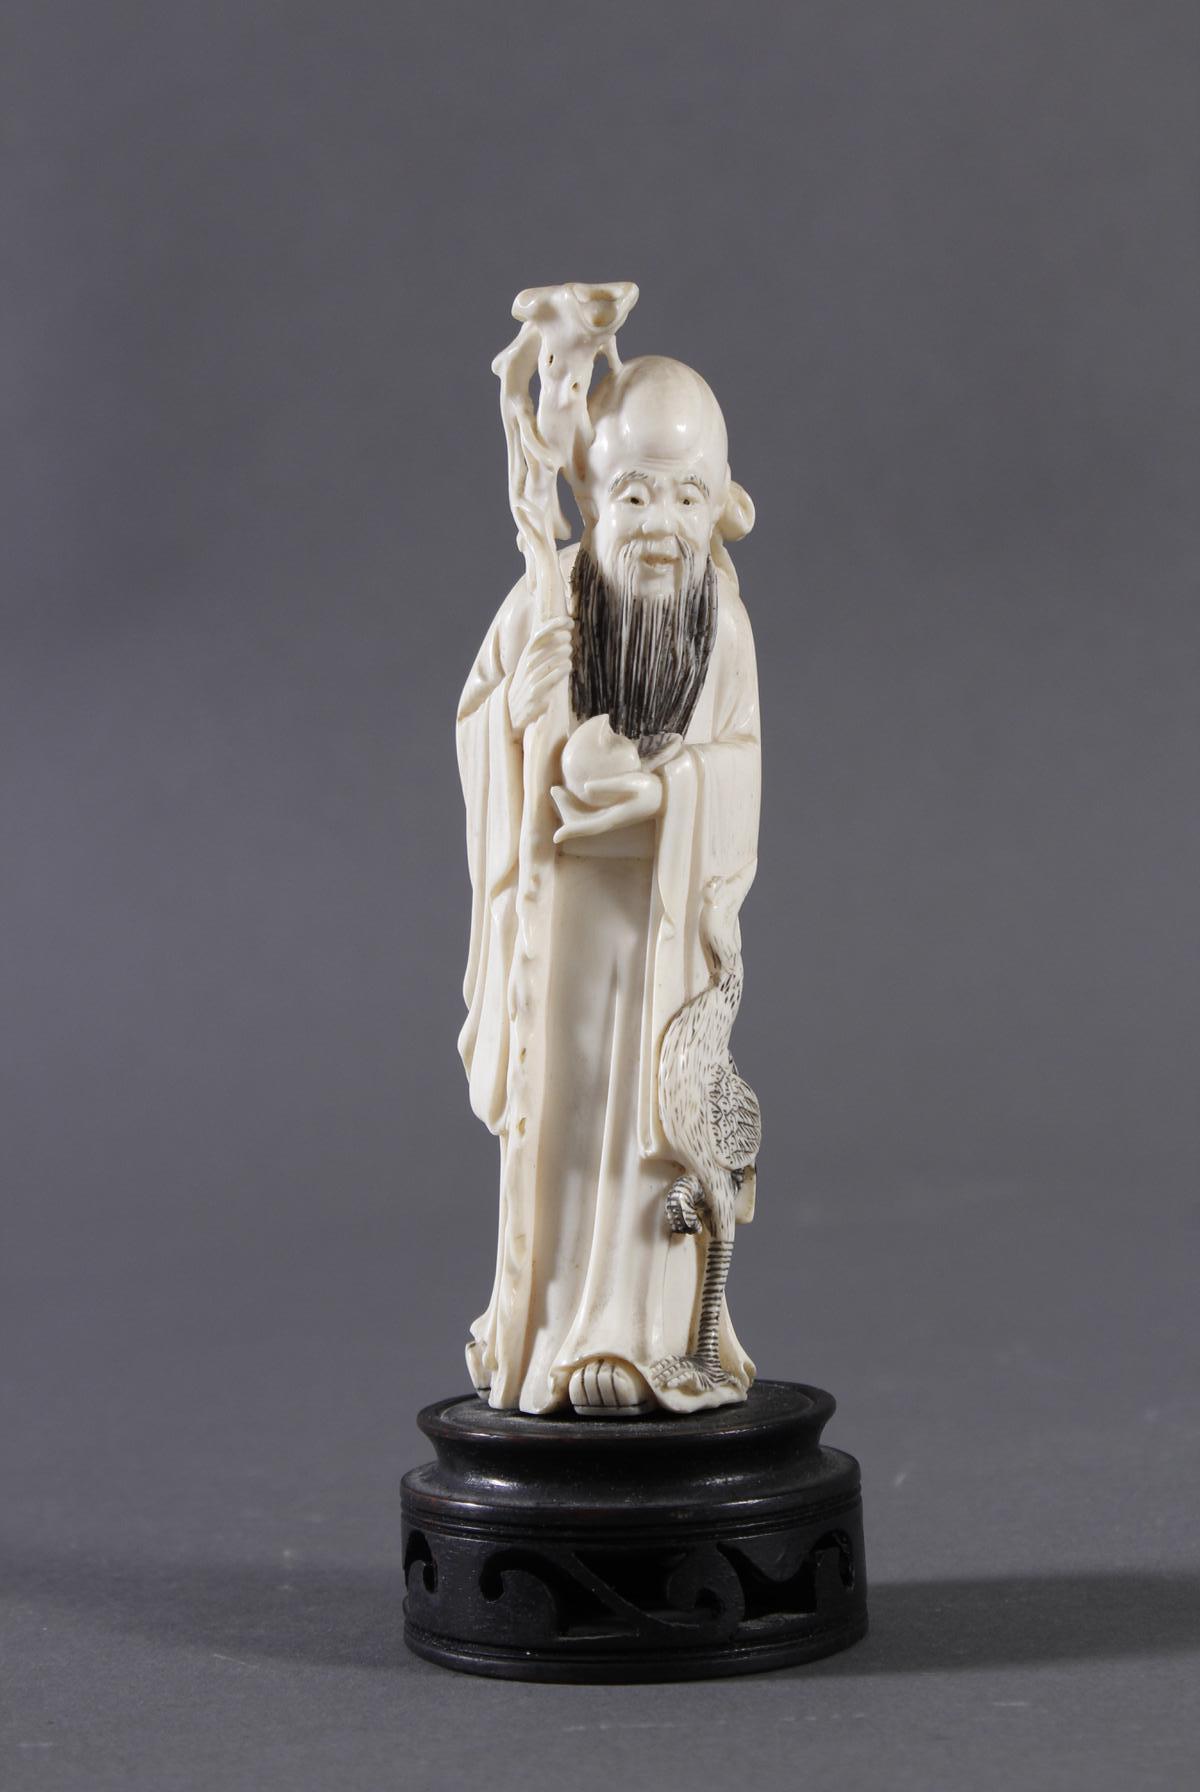 Elfenbein Figur Luohan, China um 1900